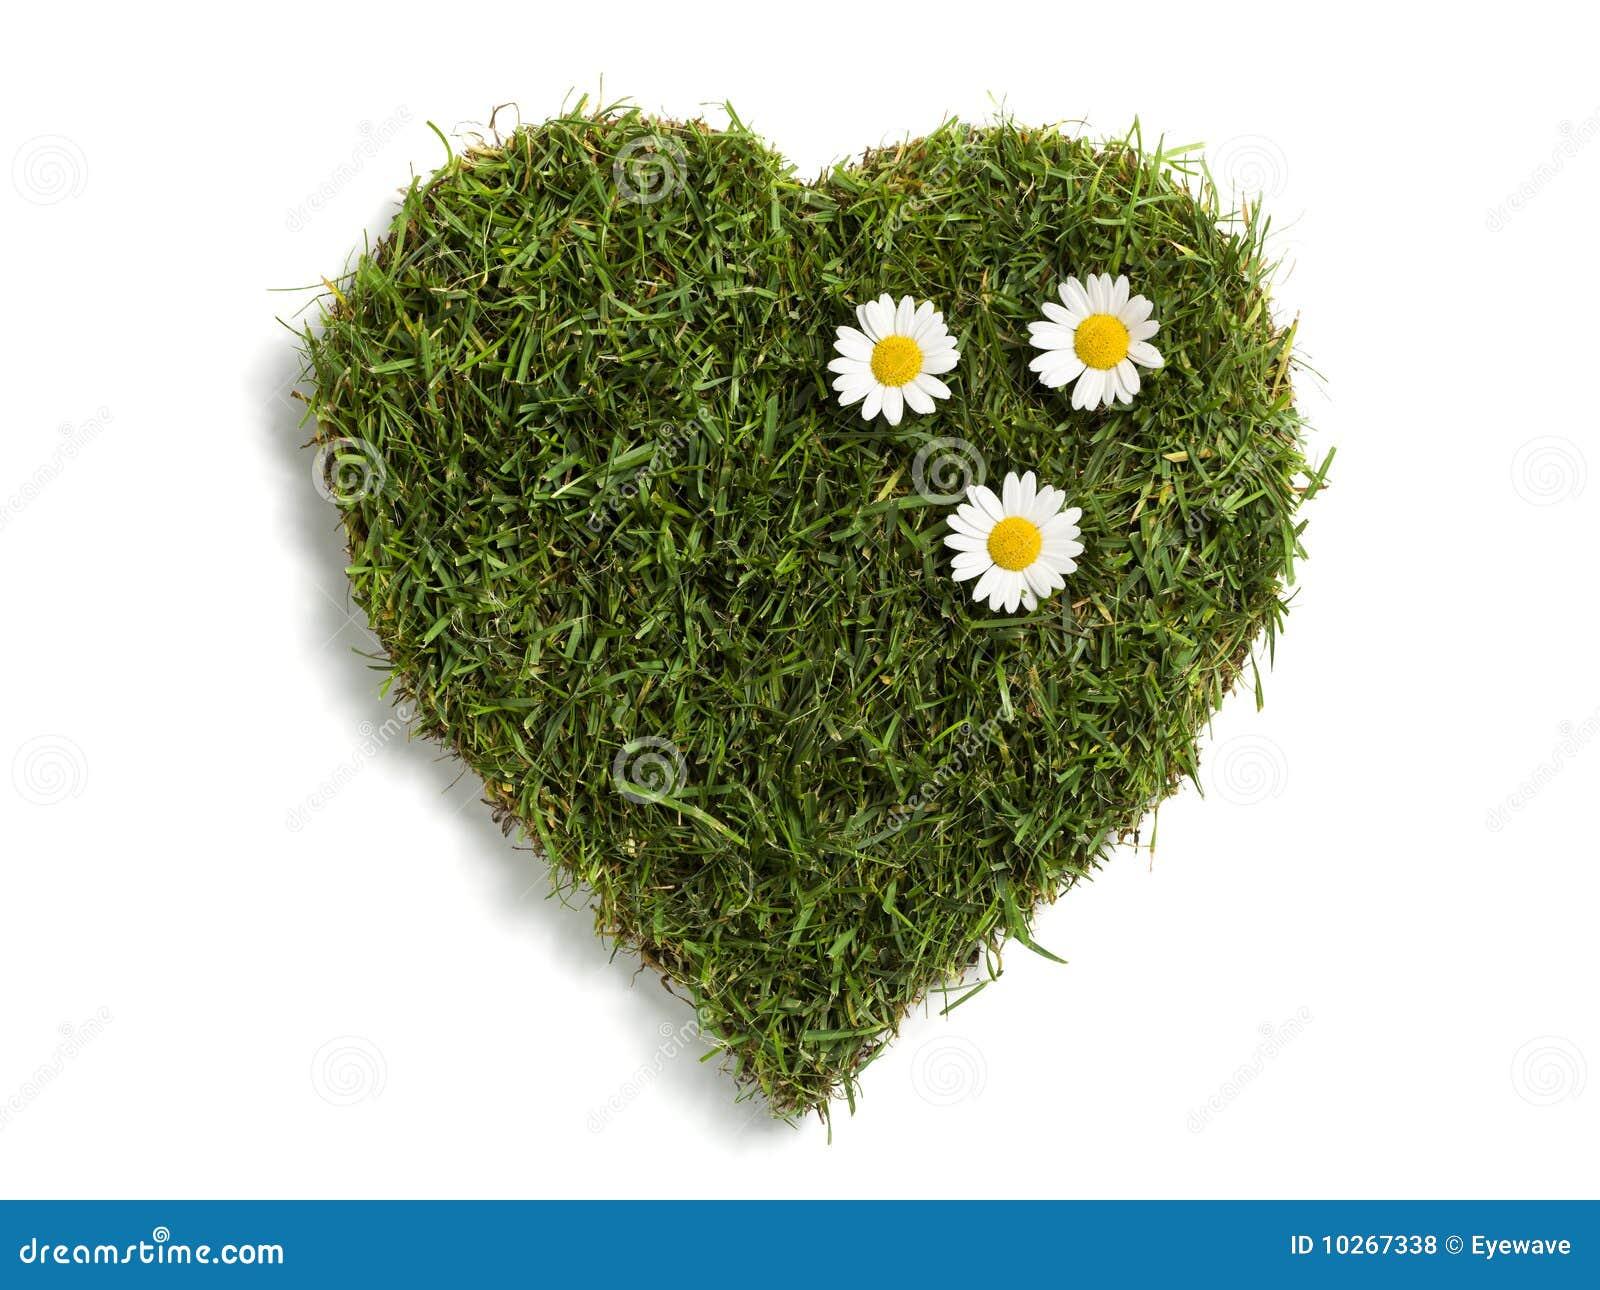 Sod dado forma coração do gramado com três margaridas